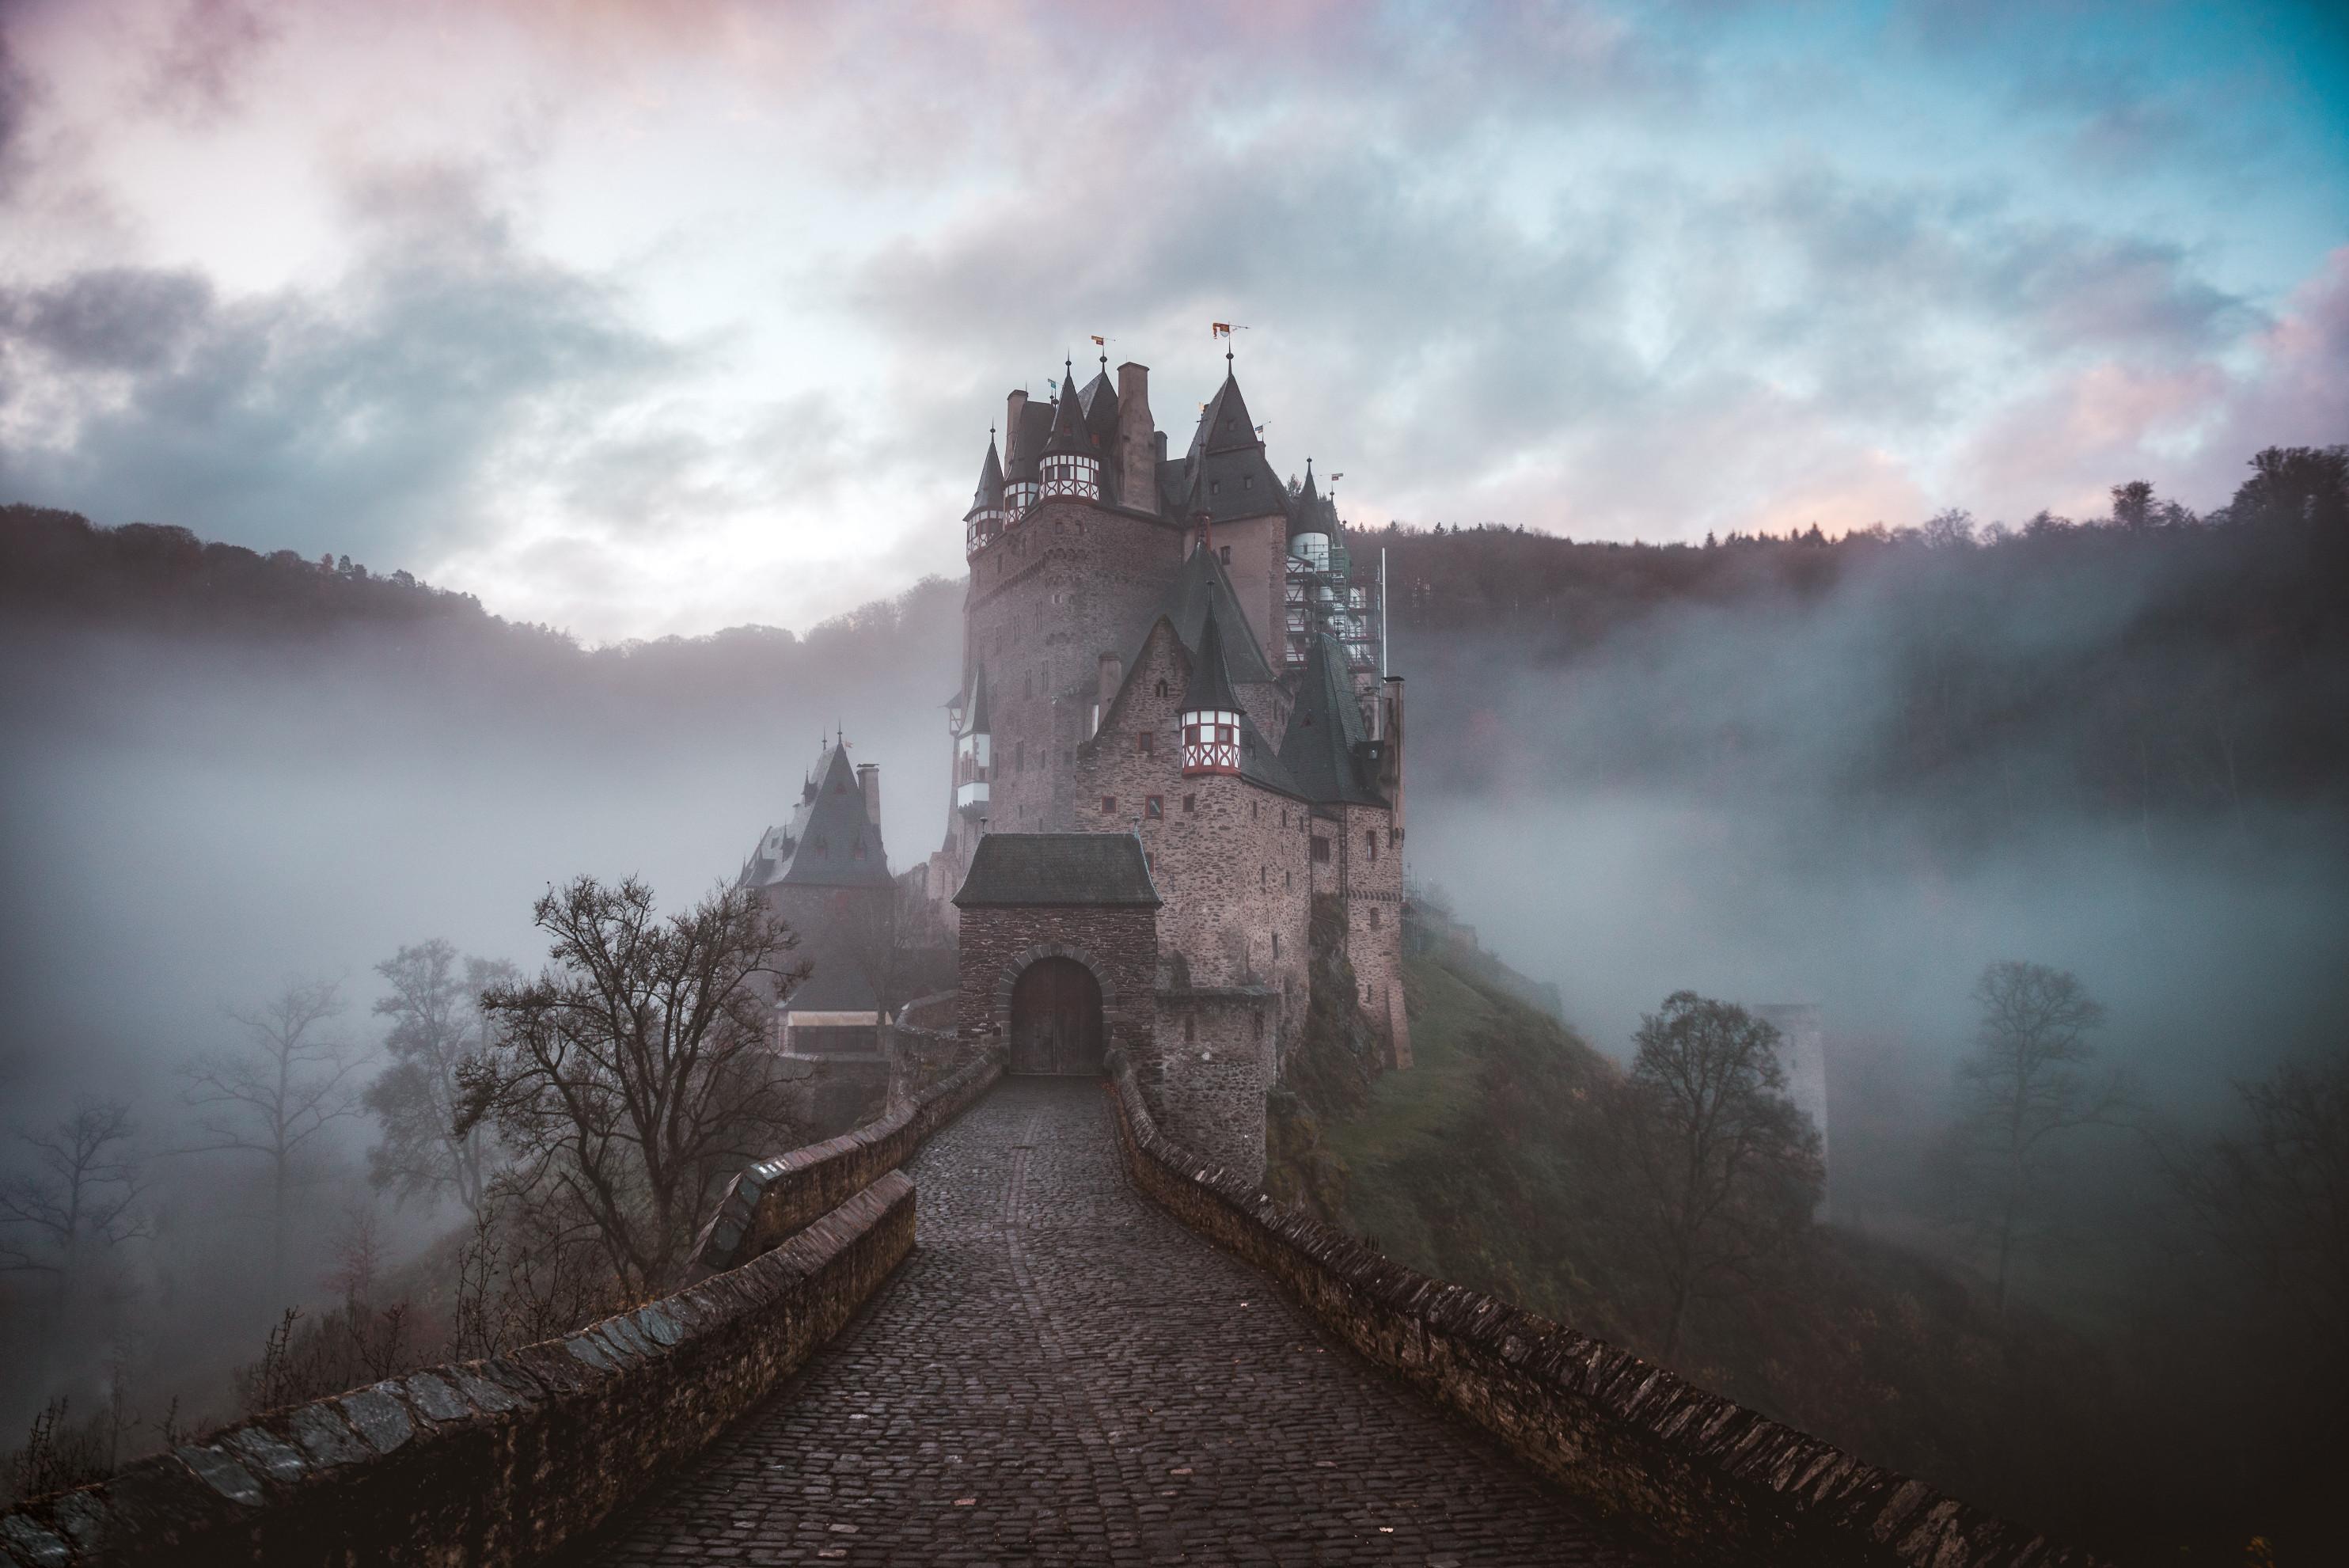 چهار دژ یک قلعه؛ رشد نمایی استارتاپ